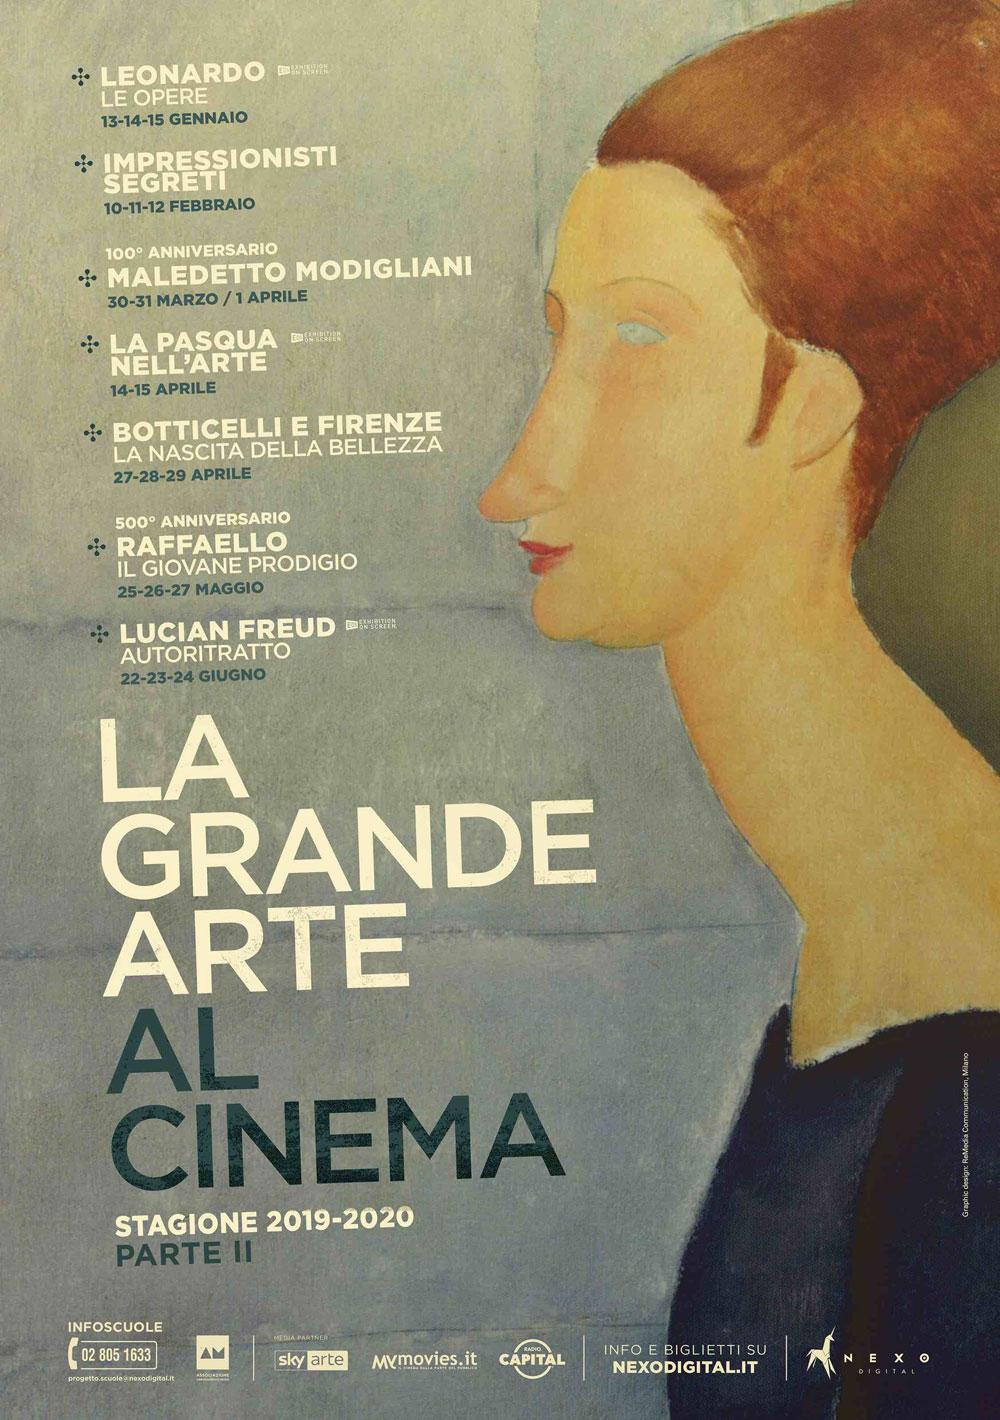 Presentata la stagione 2020 de La Grande Arte al Cinema: da Leonardo agli impressionisti, da Botticelli a Raffaello a Lucian Freud